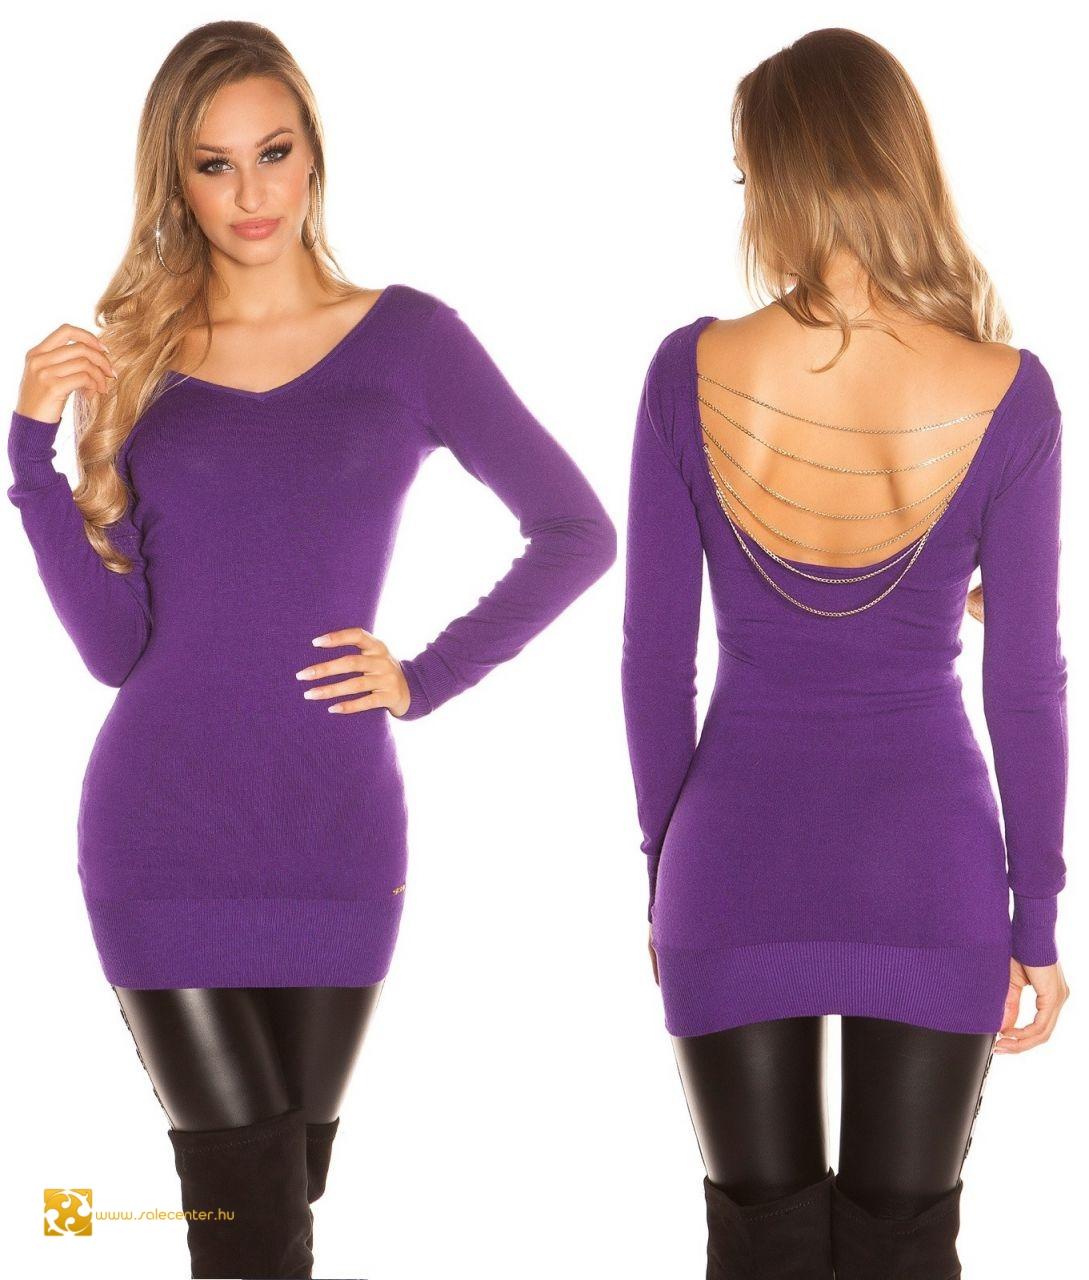 Kötött pulóver hátán lánc díszítéssel 13 színben